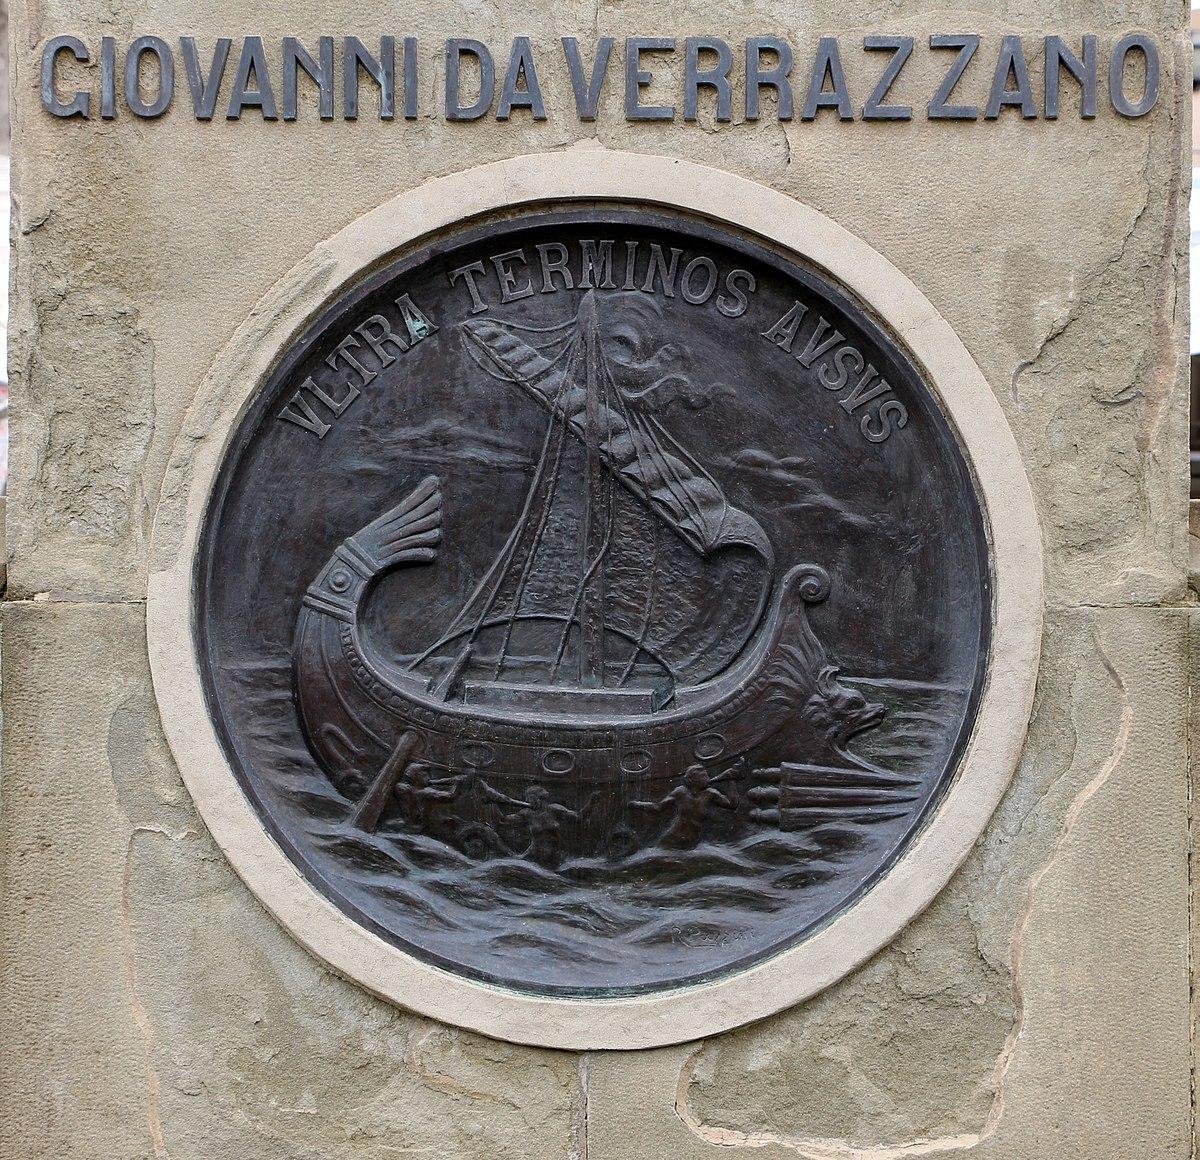 نتيجة بحث الصور عن Giovanni da Verrazzano